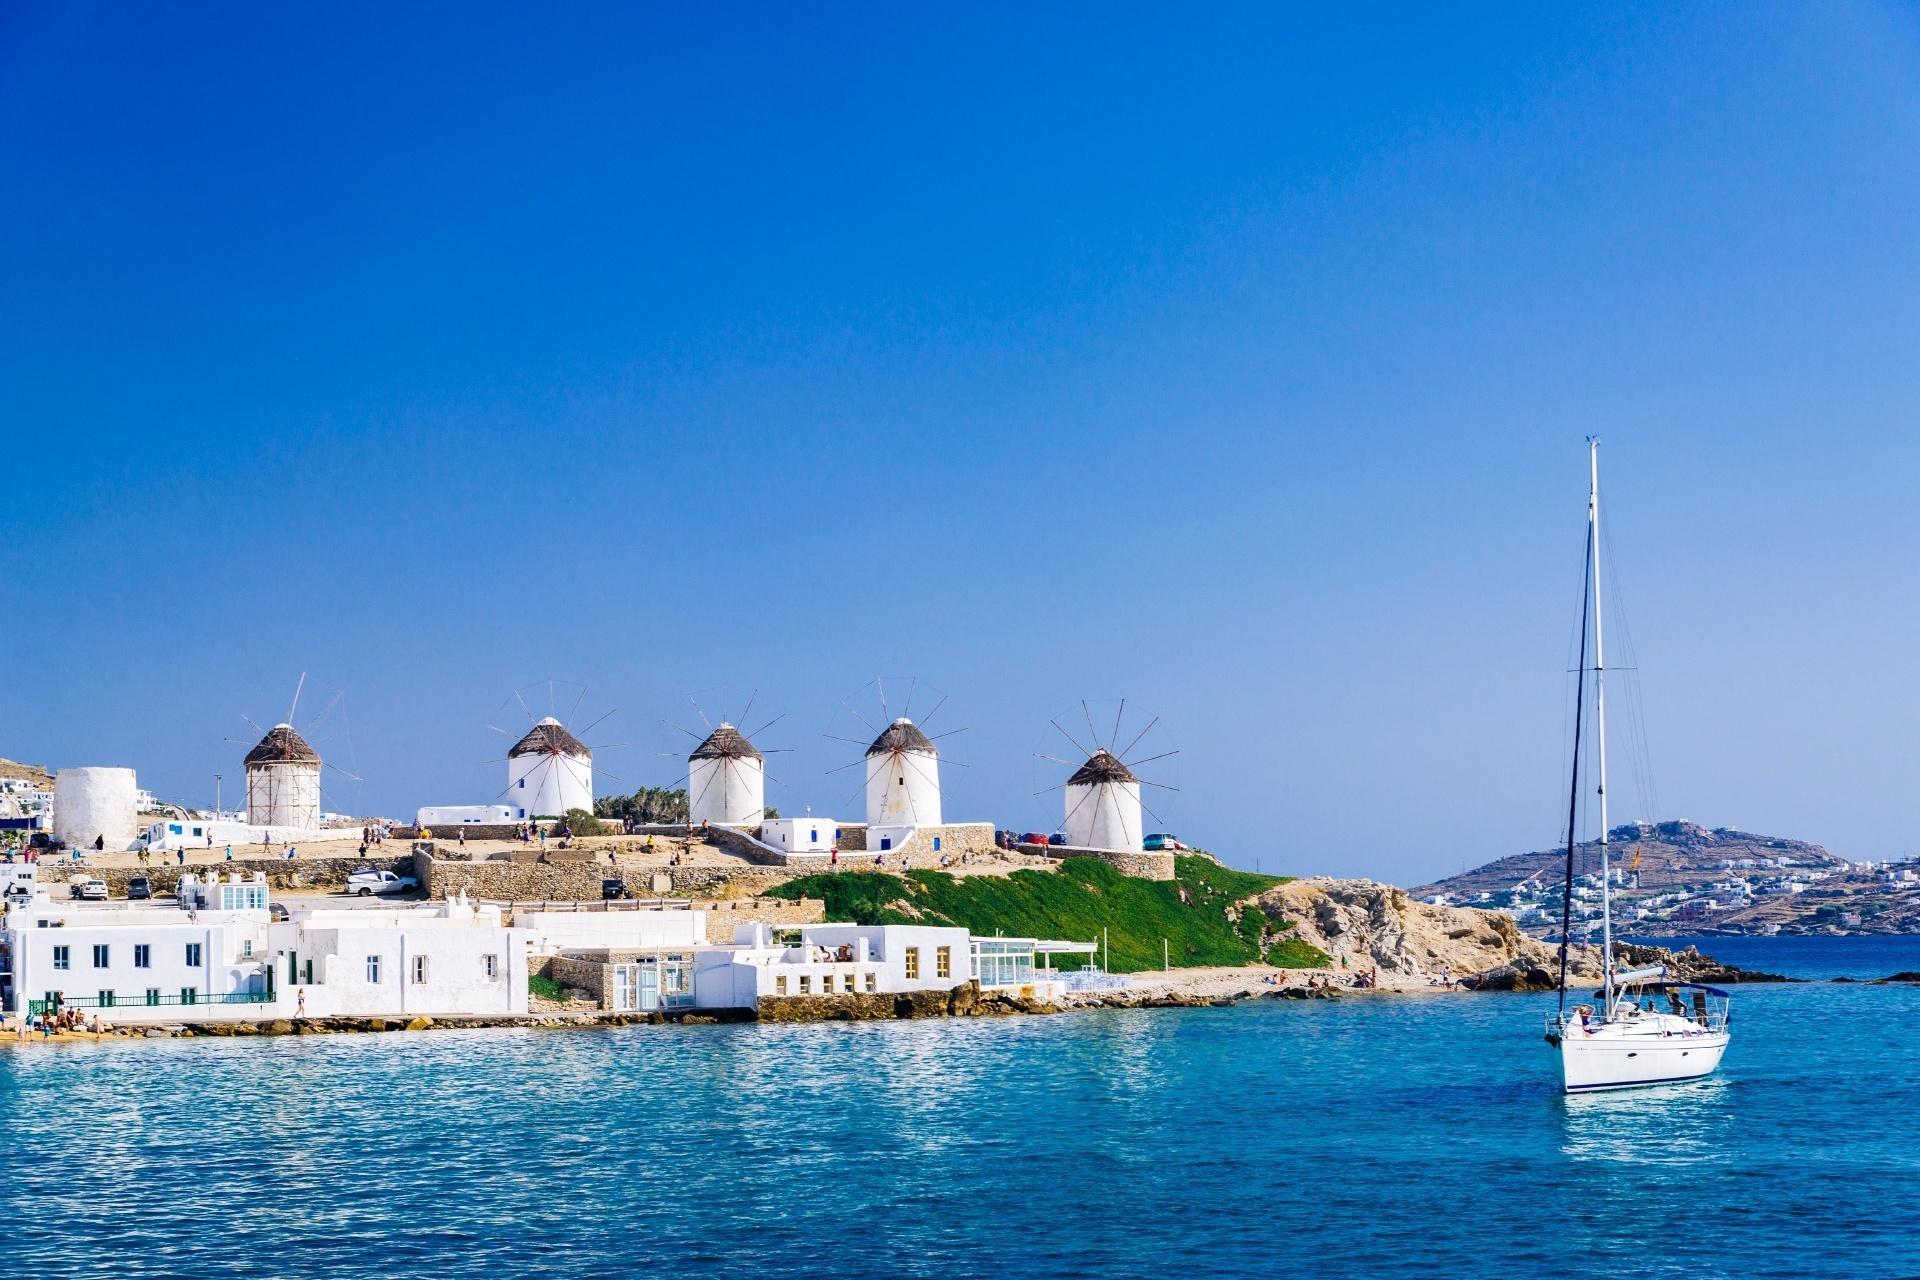 夏のミコノス島 風車のある風景 ギリシャの風景